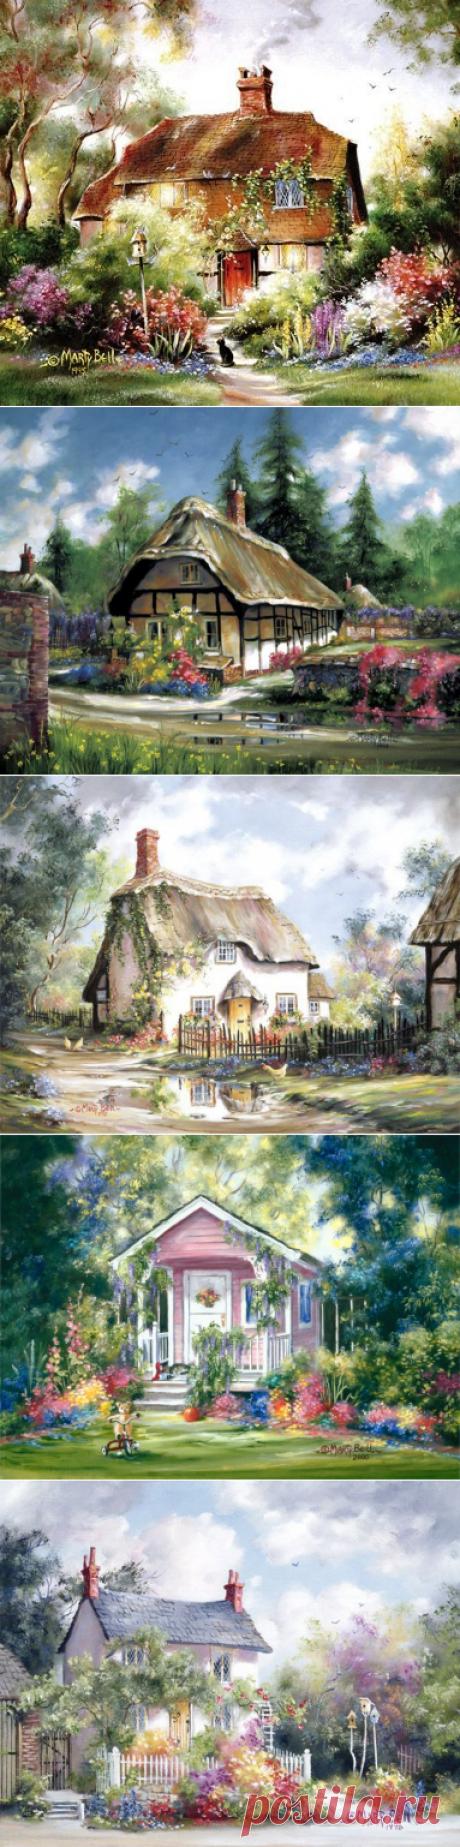 Отдохновение для глаз и души — бесконечно уютные и очаровательные домики Марти Белл